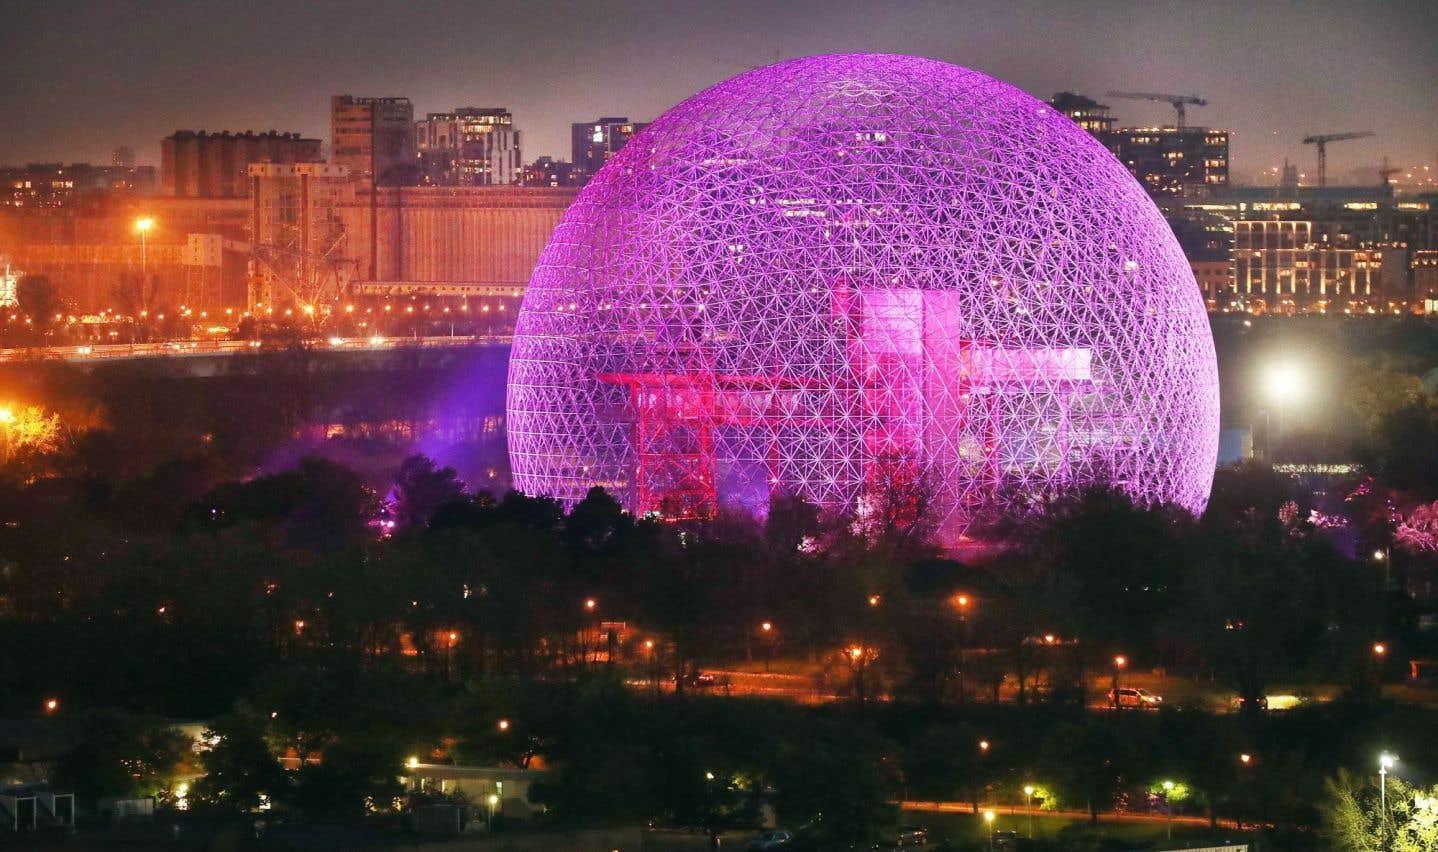 Le Dôme géodésique de Buckminster Fuller, réalisé pour Expo 67, signal de l'entrée du pays dans la postmodernité, en vient à symboliser pour Sphère(s) tous ses principes de base: innovation, convivialité et cosmopolitisme.